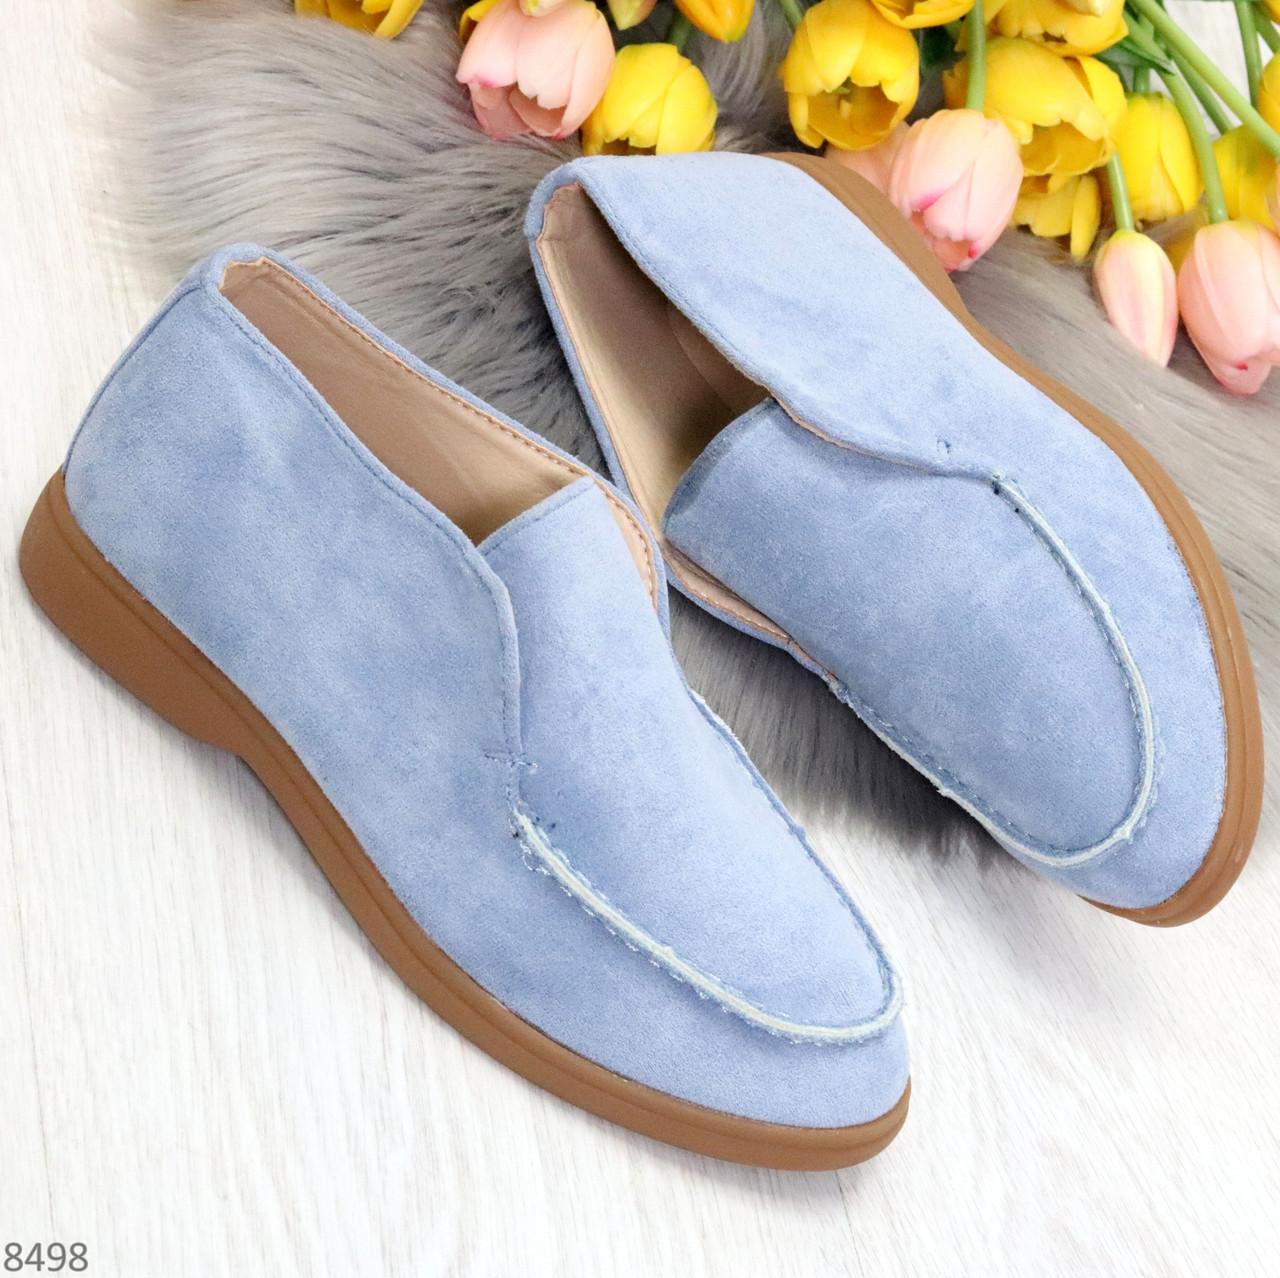 Удобные повседневные голубые женские замшевые черные туфли мокасины автоледи